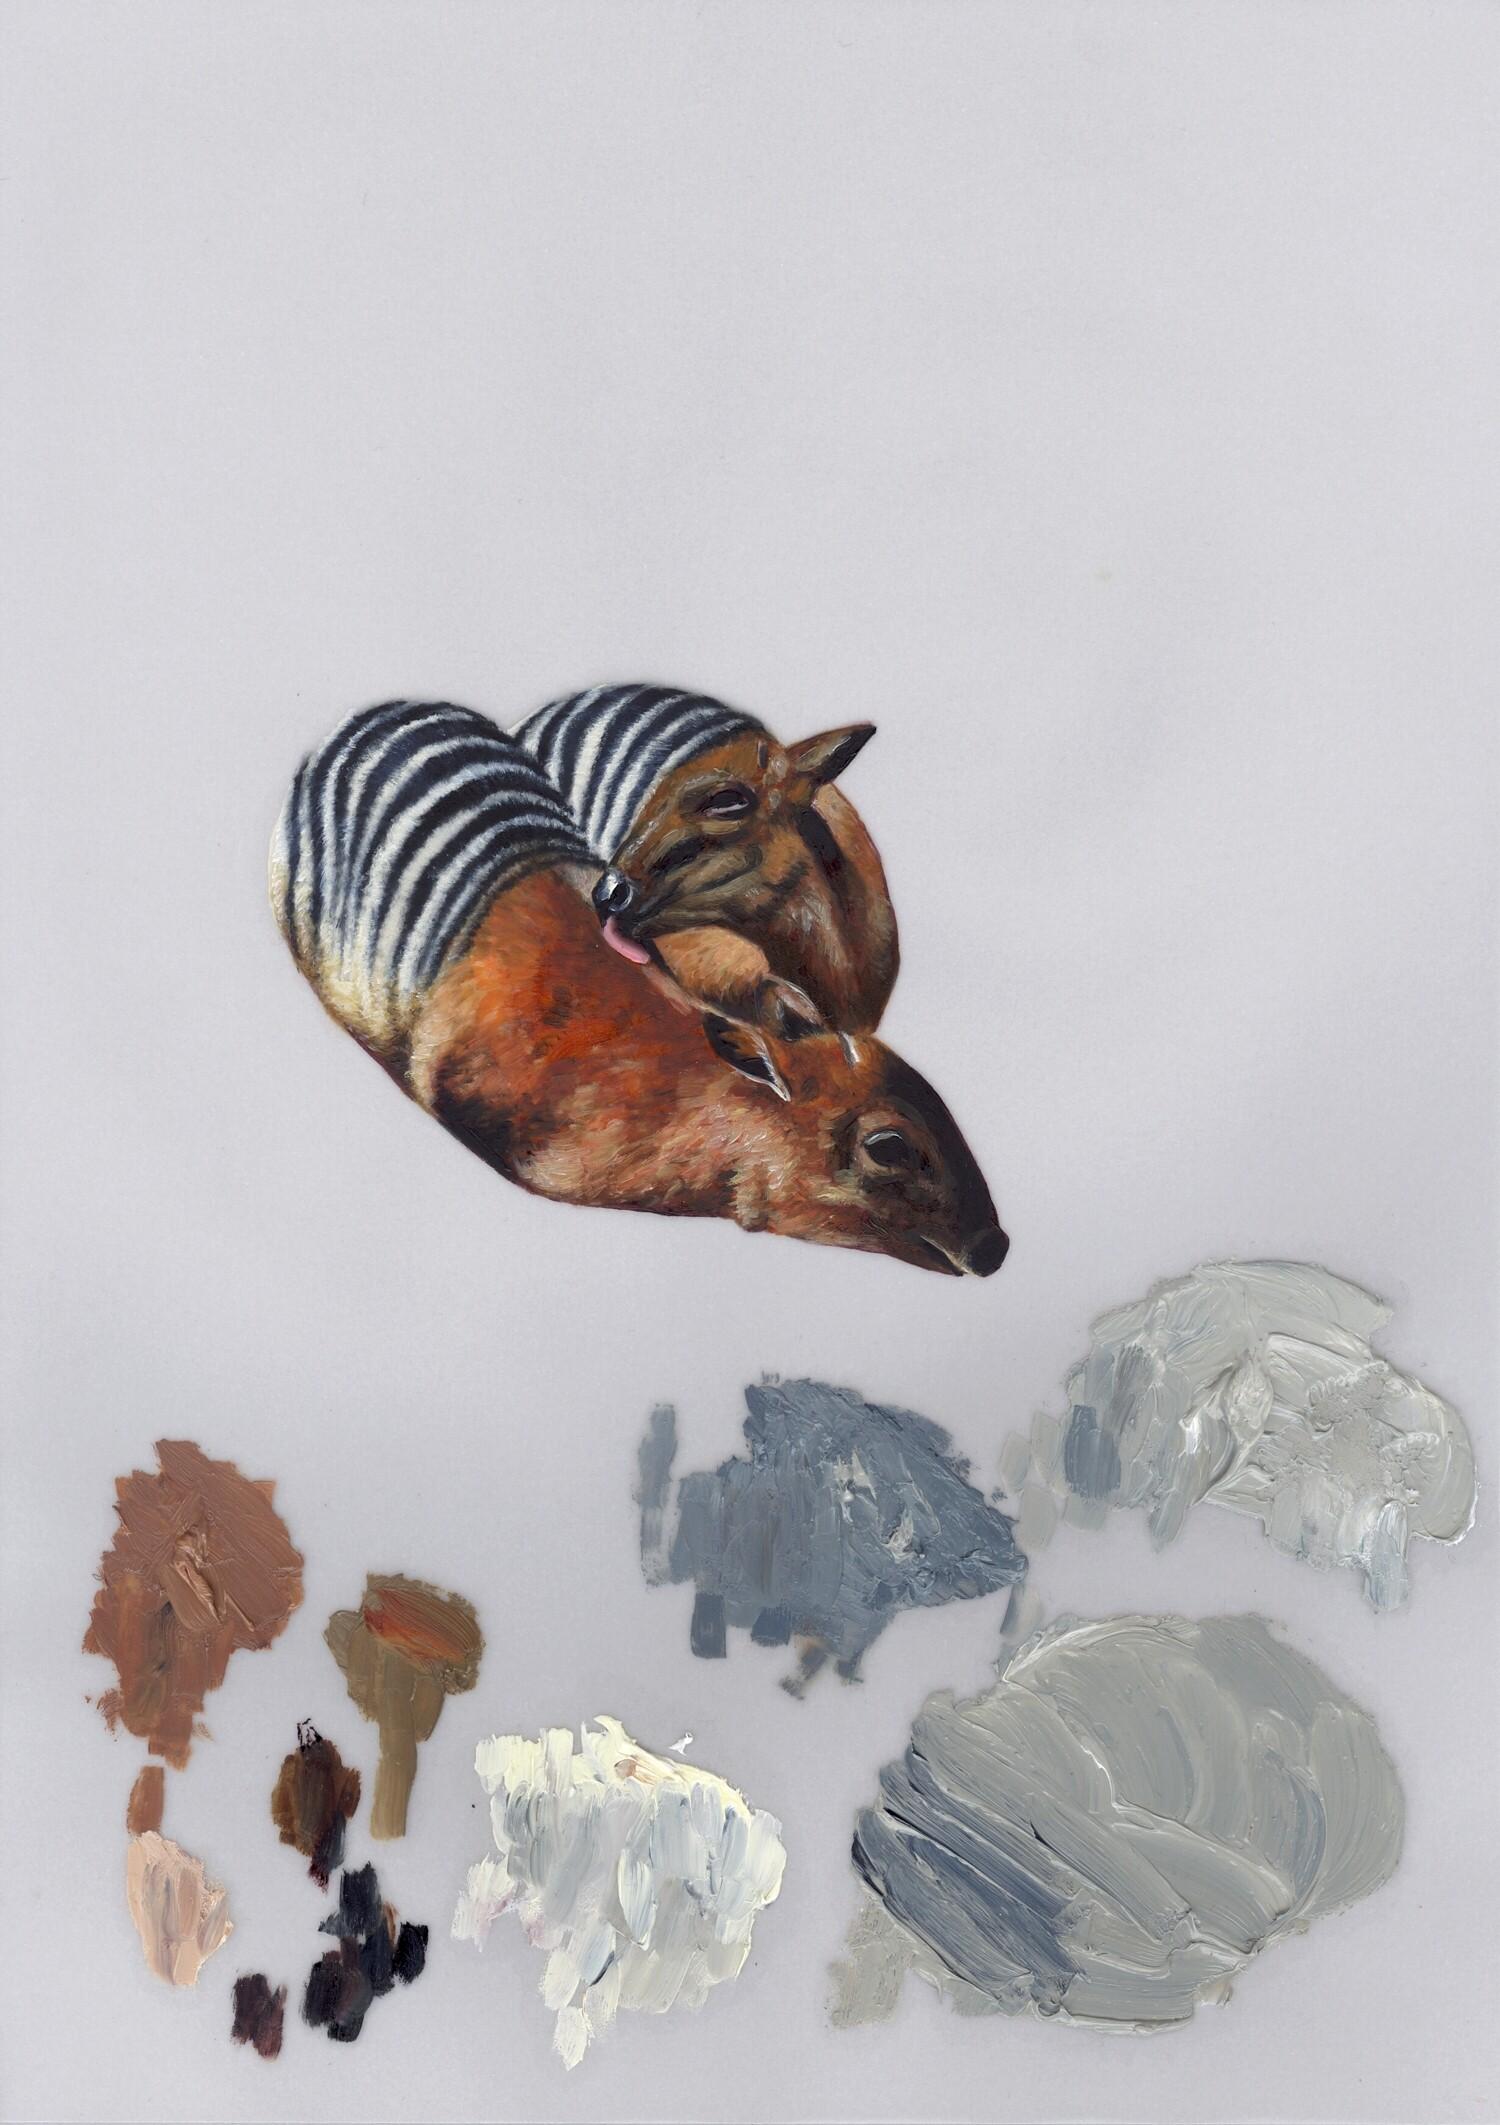 Vellum 03#2012, 29,7 x 21 cm, Öl auf Transparentpapier